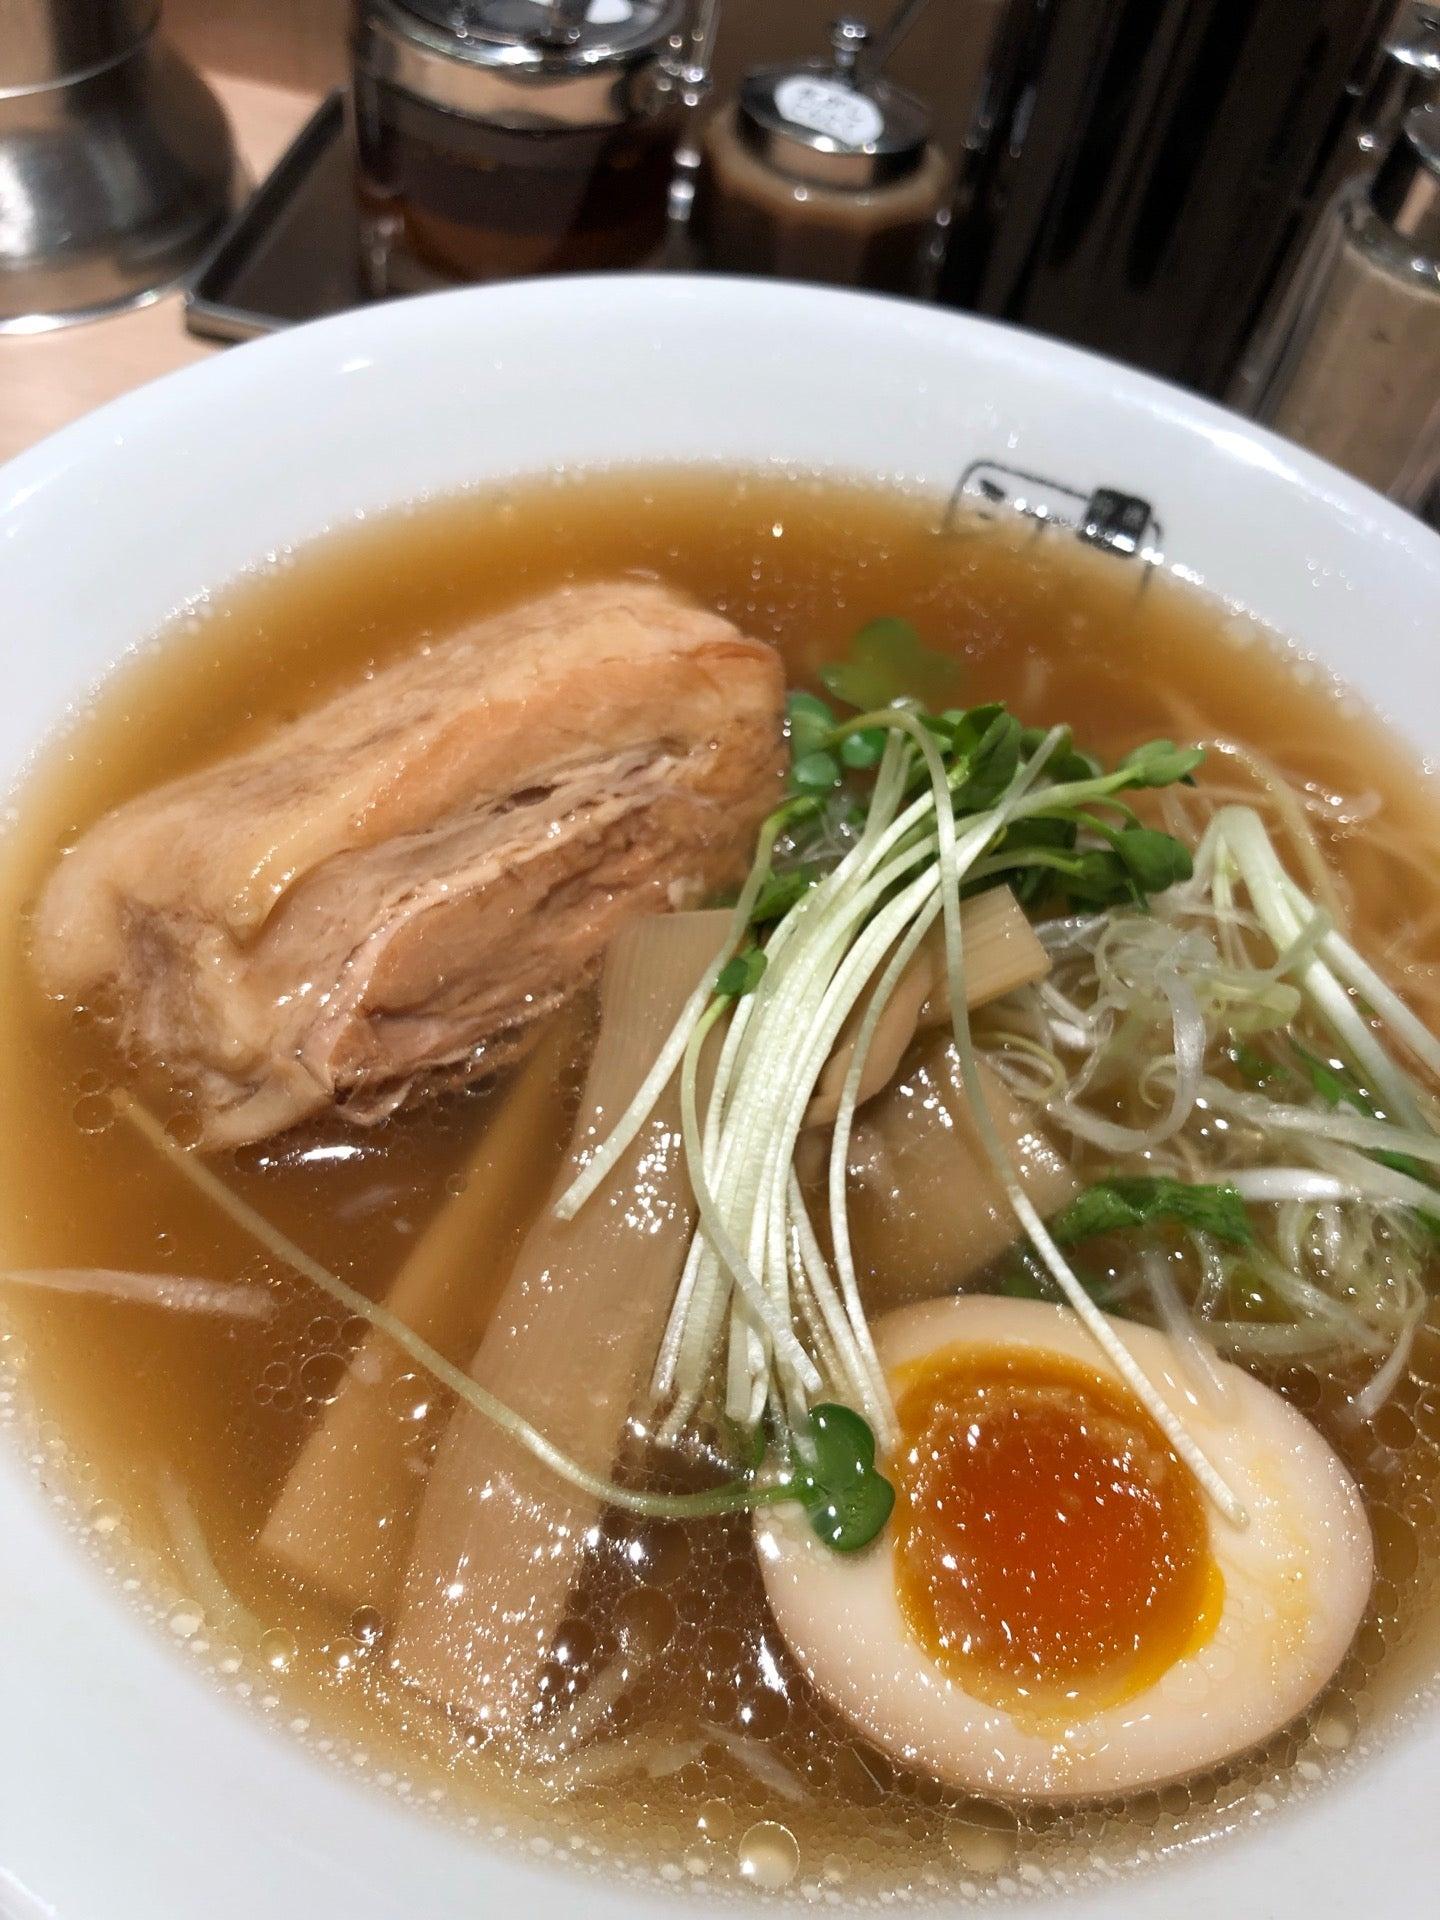 特製らーめん。醤油スープ、柳麺、分厚い豚バラ肉の角煮。 (@ 江南 JRタワーズ店 in 名古屋市, 愛知県) https://t.co/t5lbH28rqr https://t.co/OpwepRTj5t